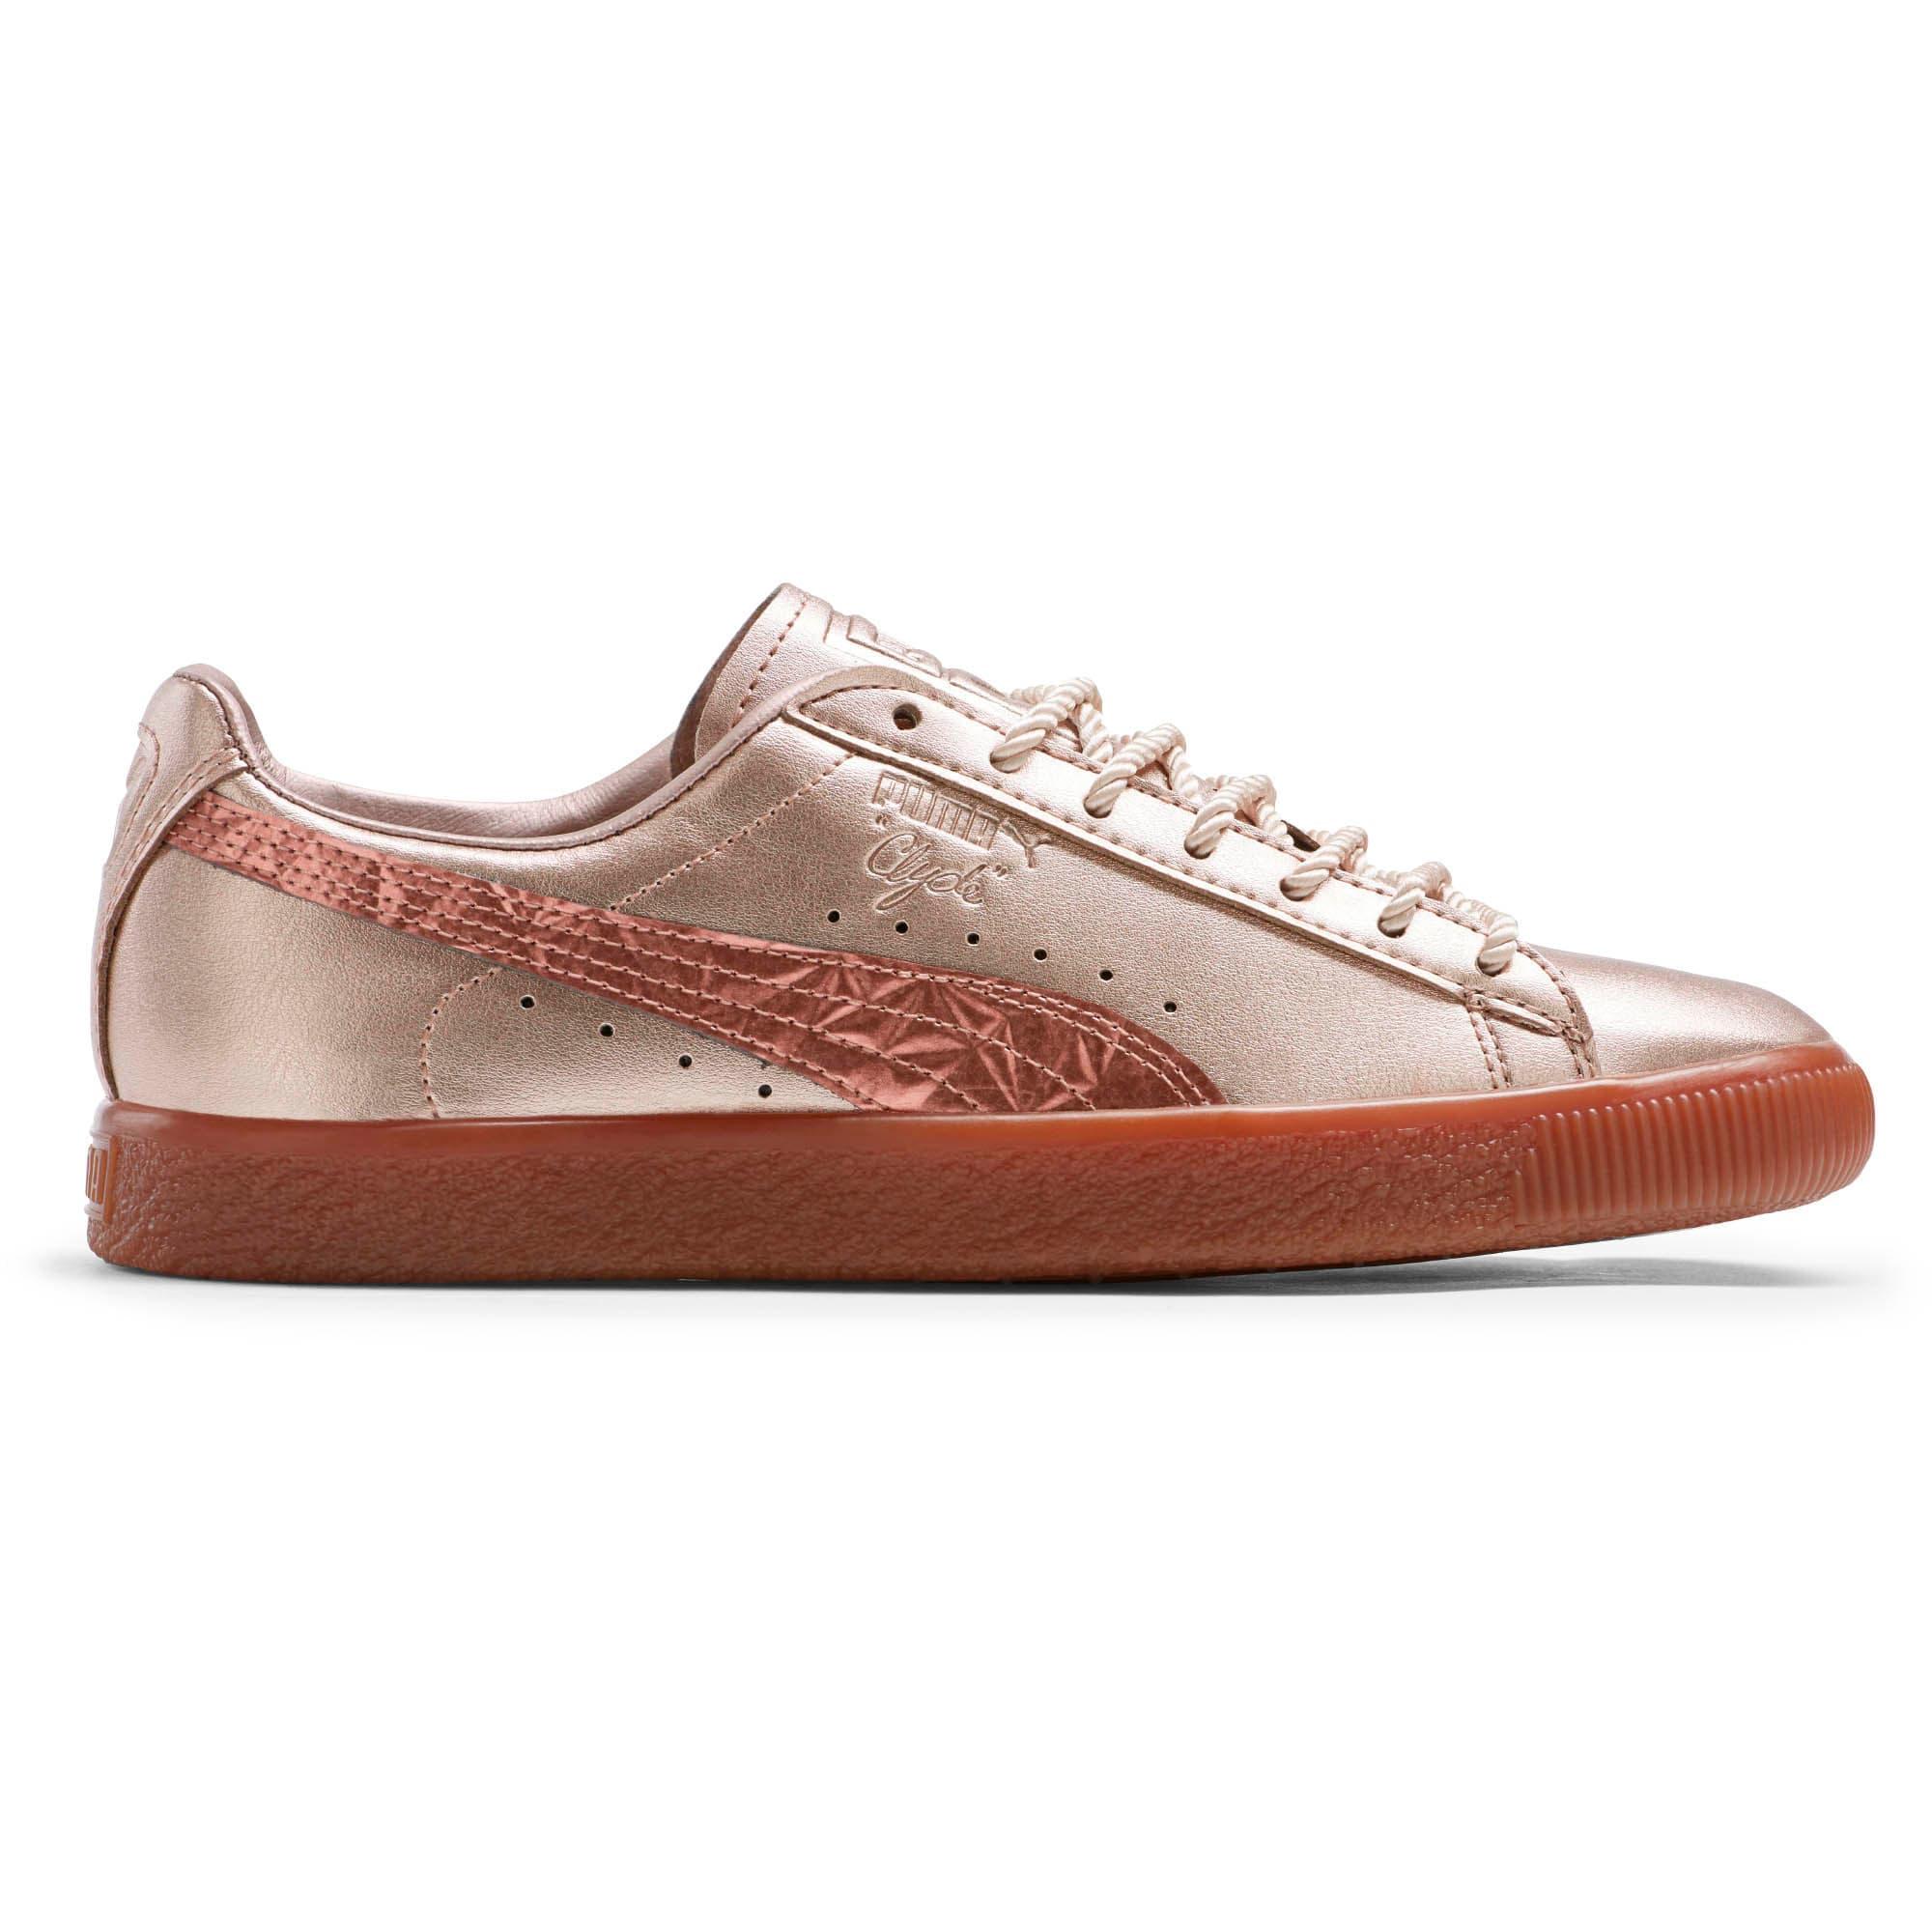 separation shoes d2d40 8fd6a Clyde TOTT Women's Sneakers